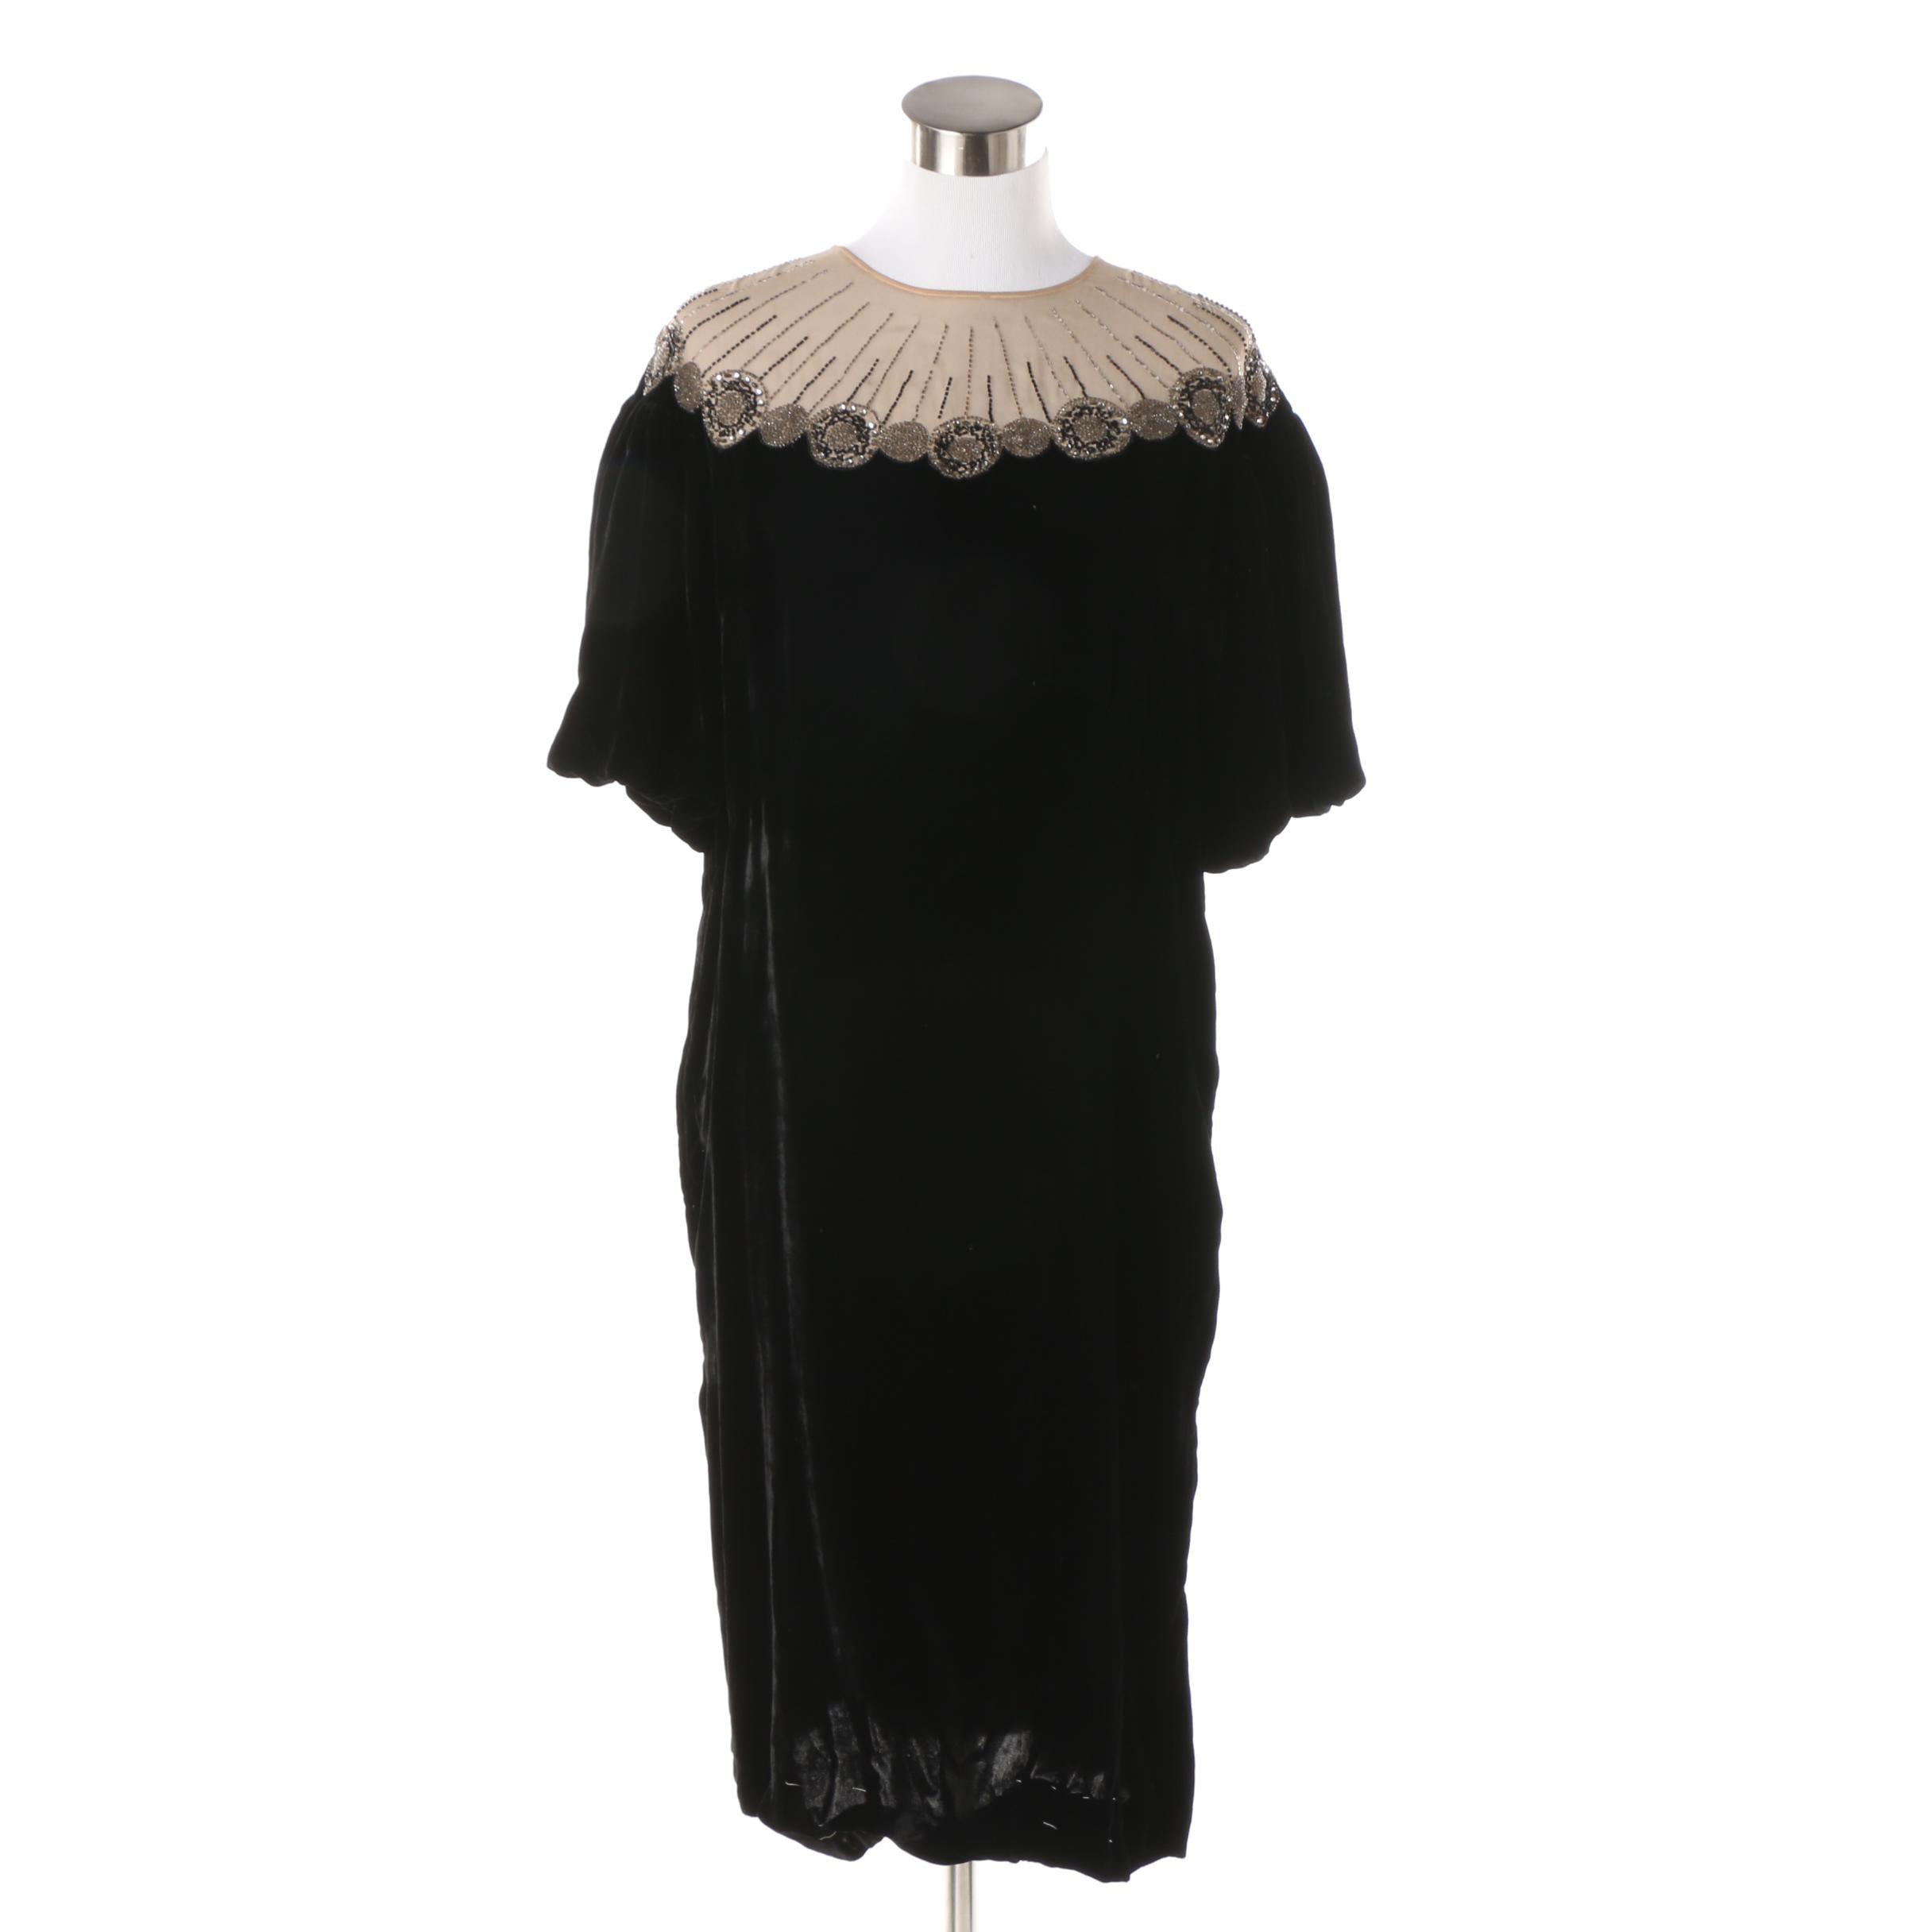 Circa 1930s Vintage Black Velvet Dress with Sheer Hand Beaded Neckline